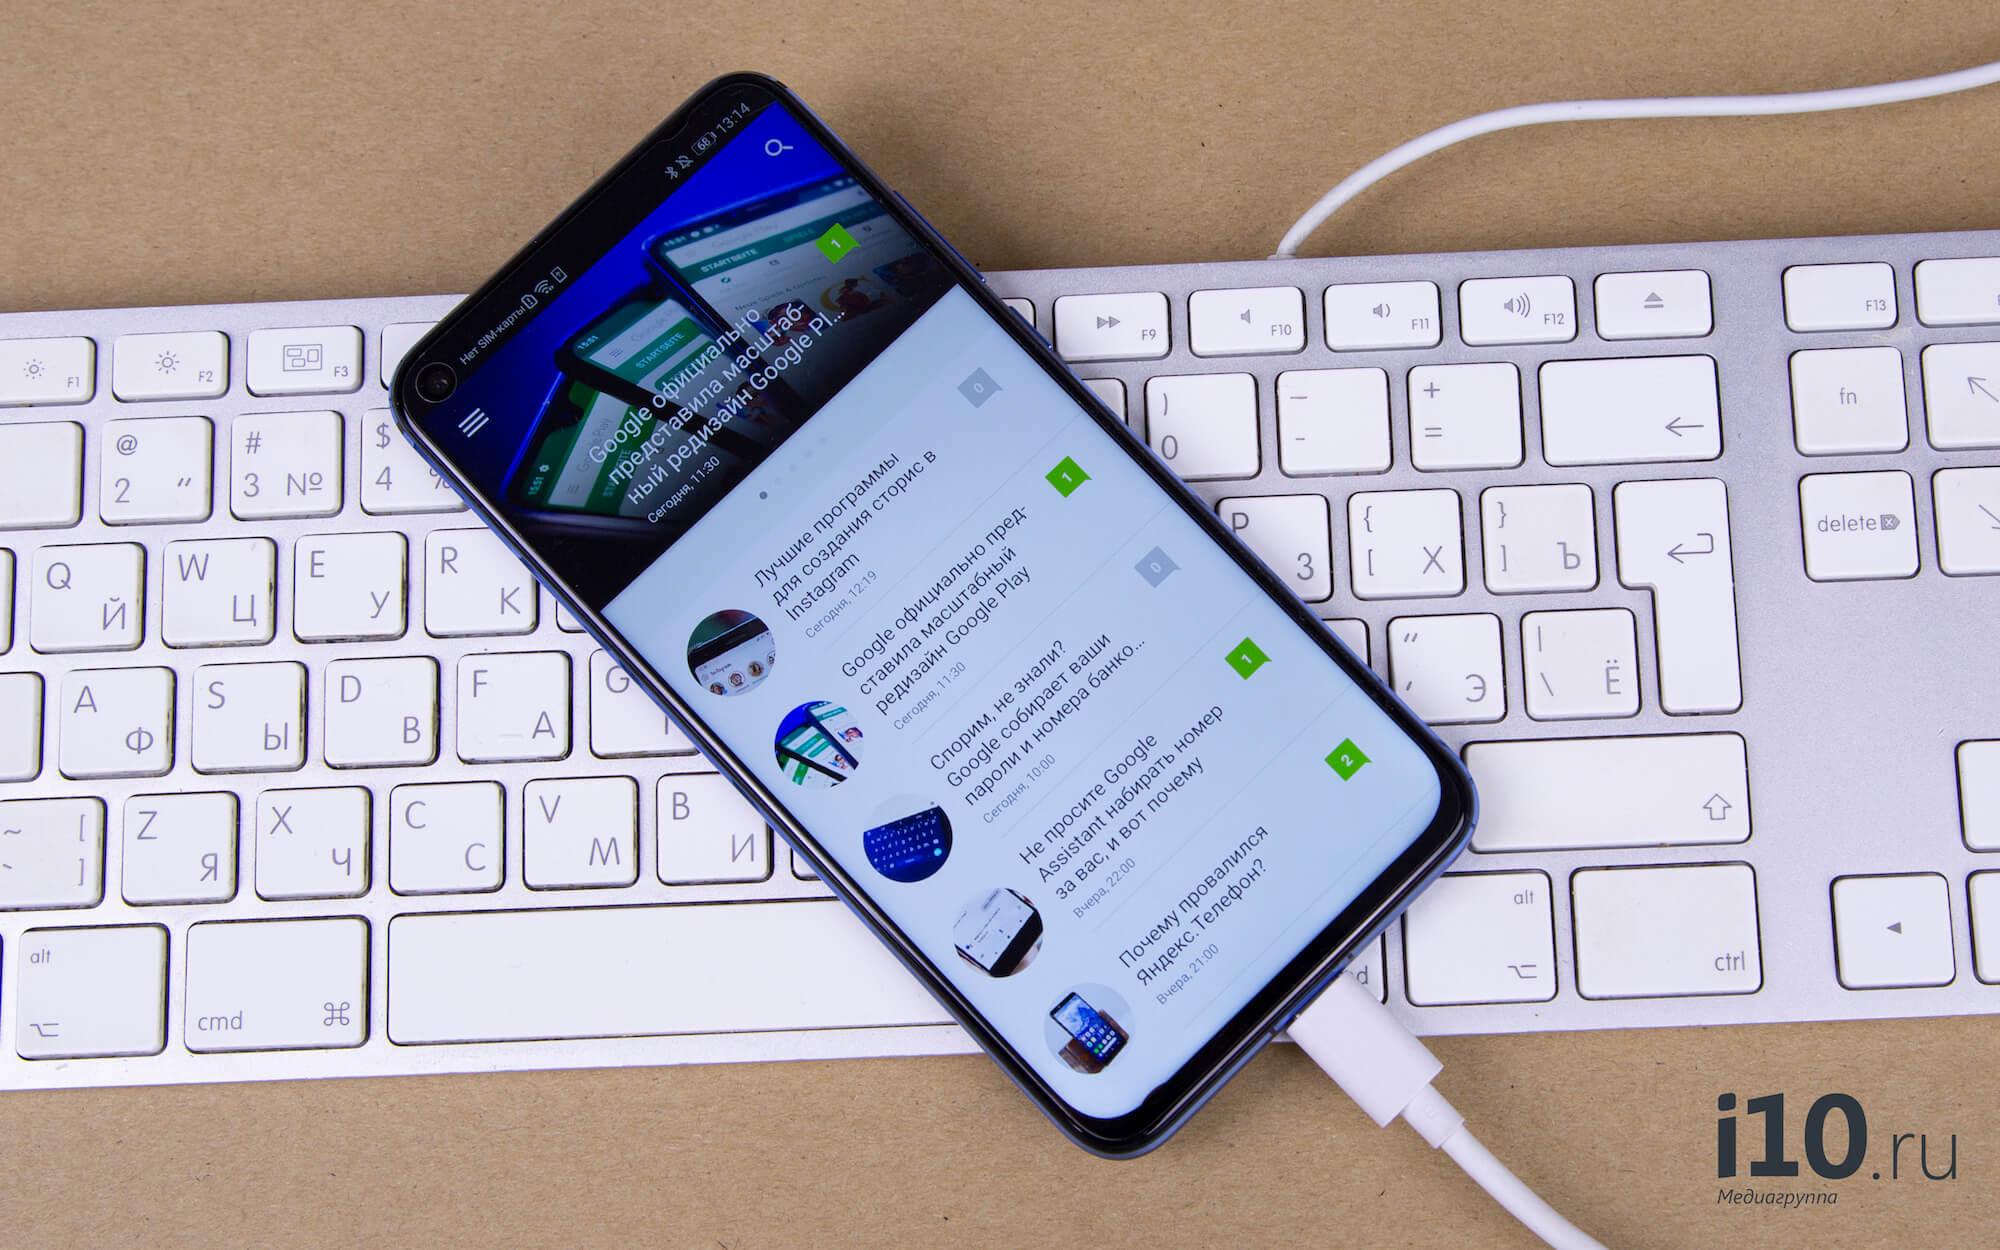 Как подсоединить USB-клавиатуру к Android-смартфону или планшету